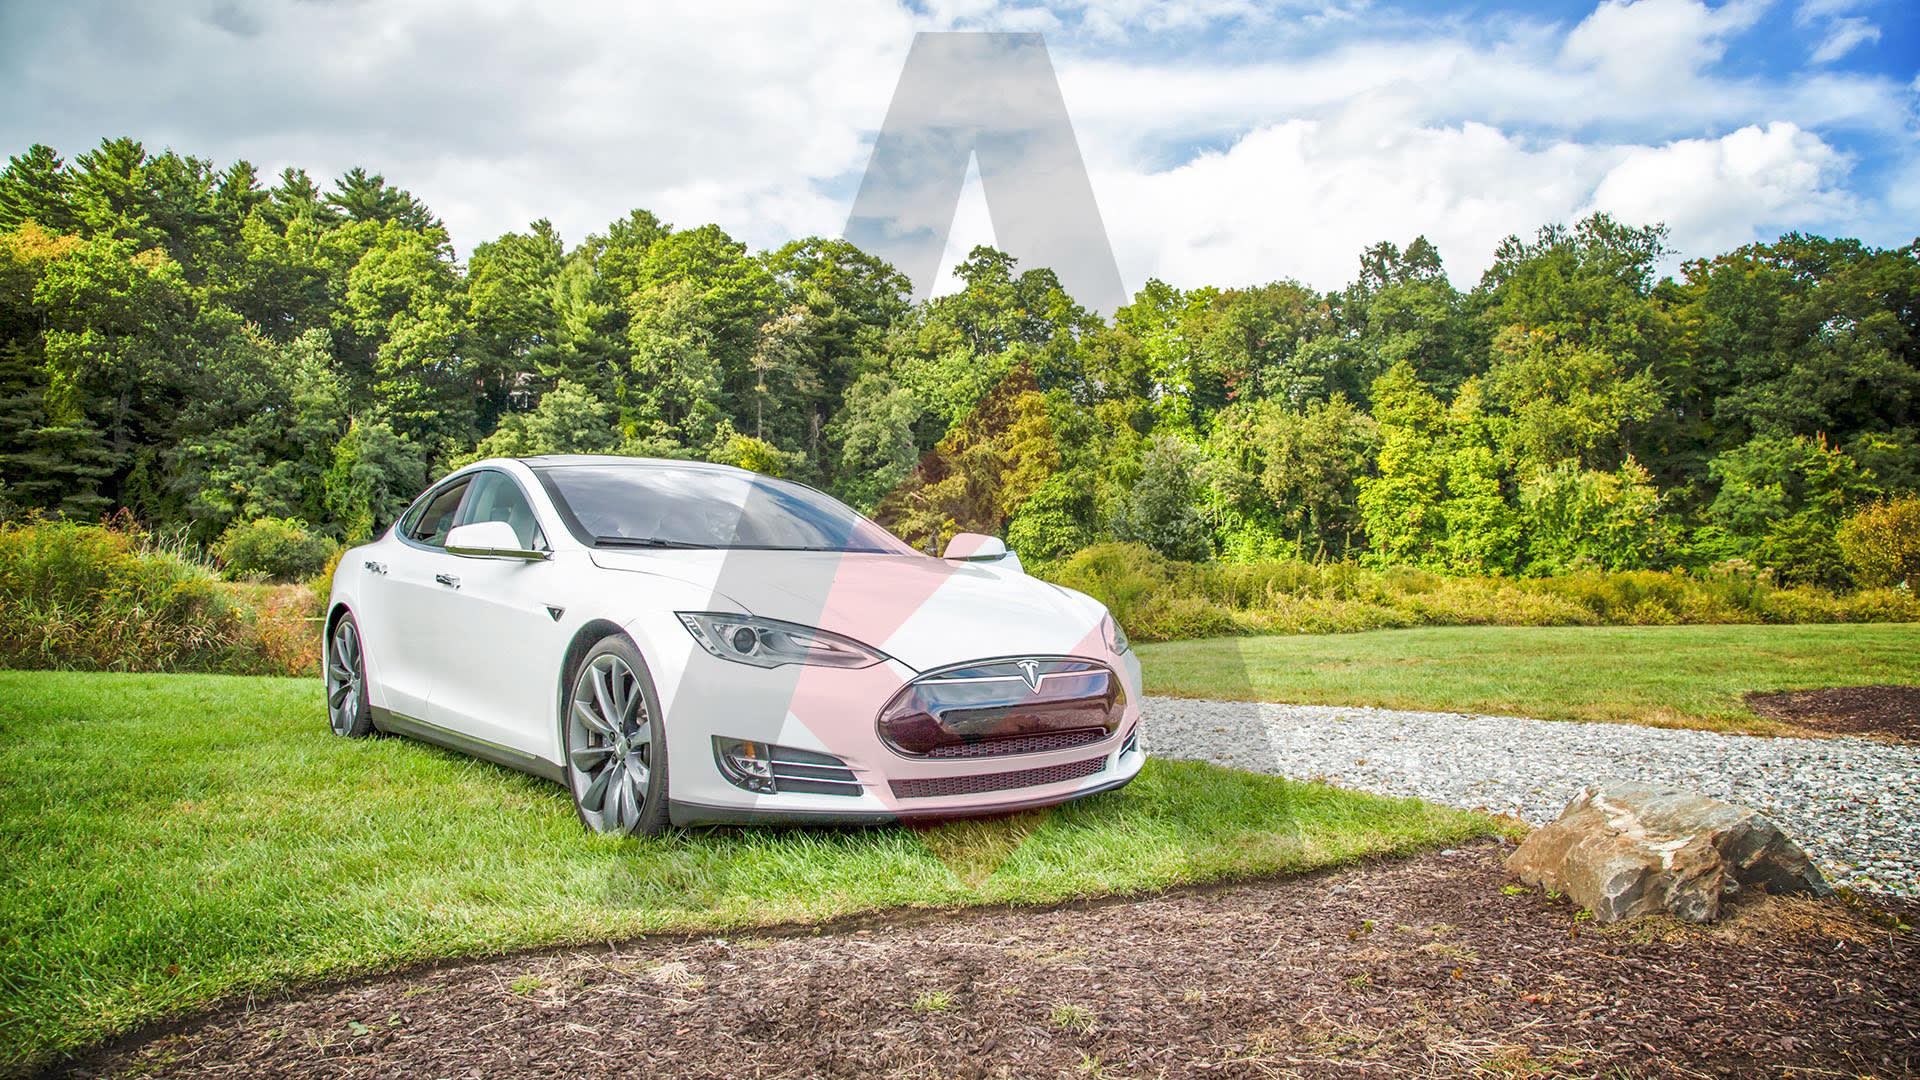 Before-Automotive Enhancement